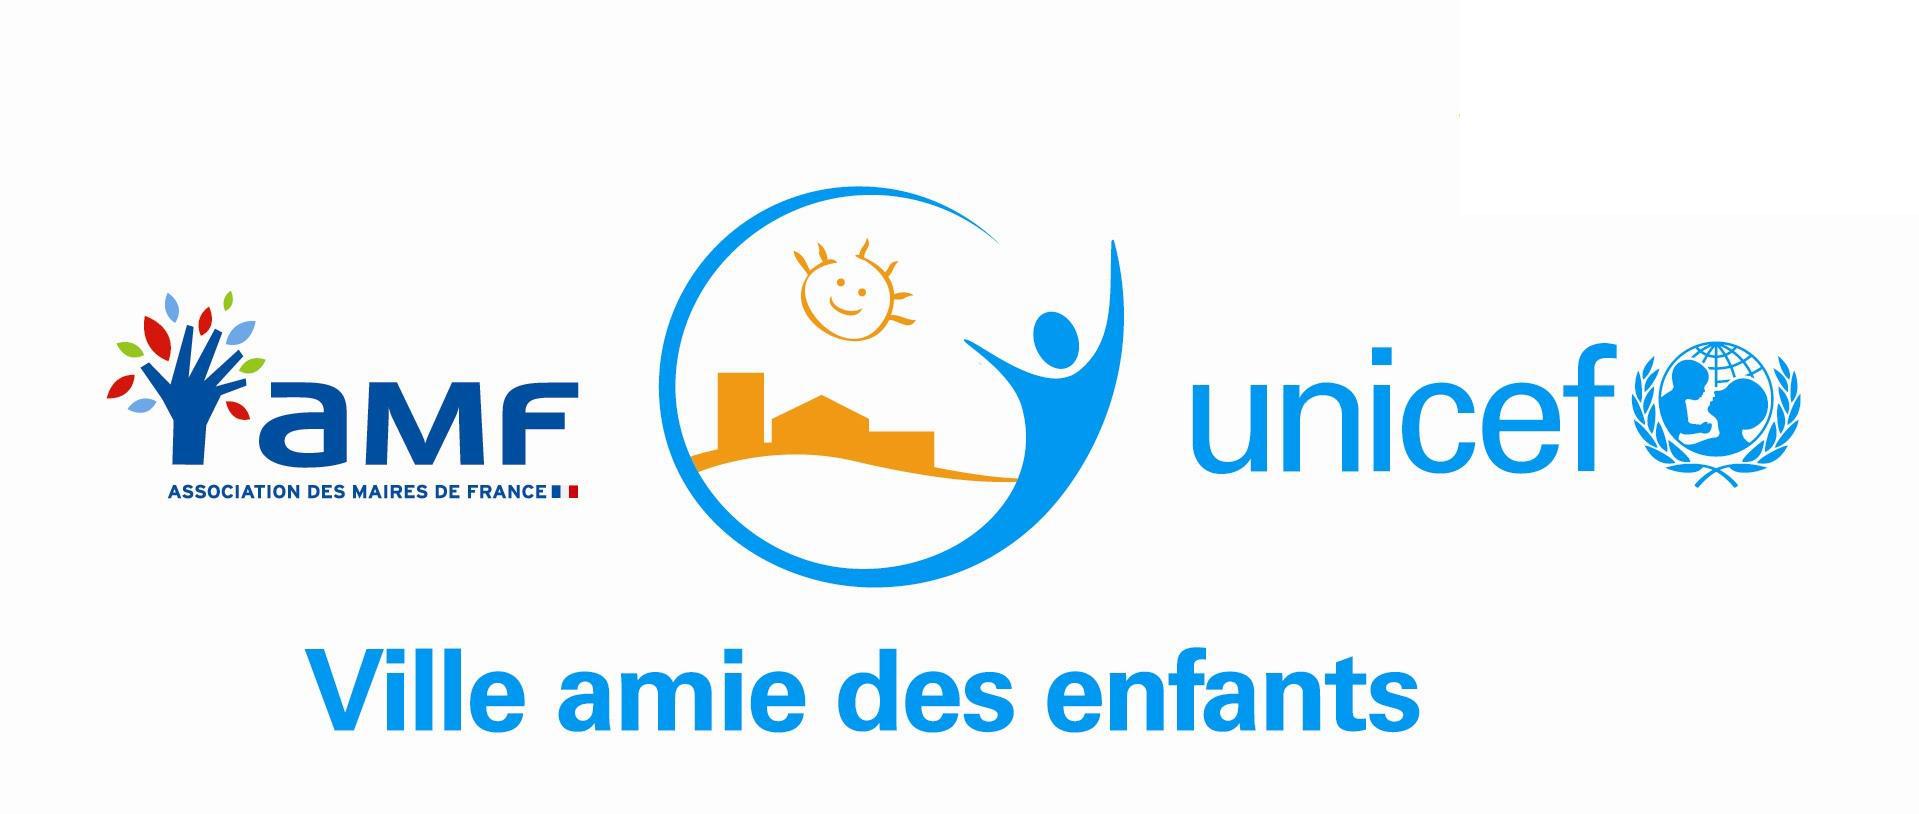 2012_logo_ville_amie_des_enfants 2016